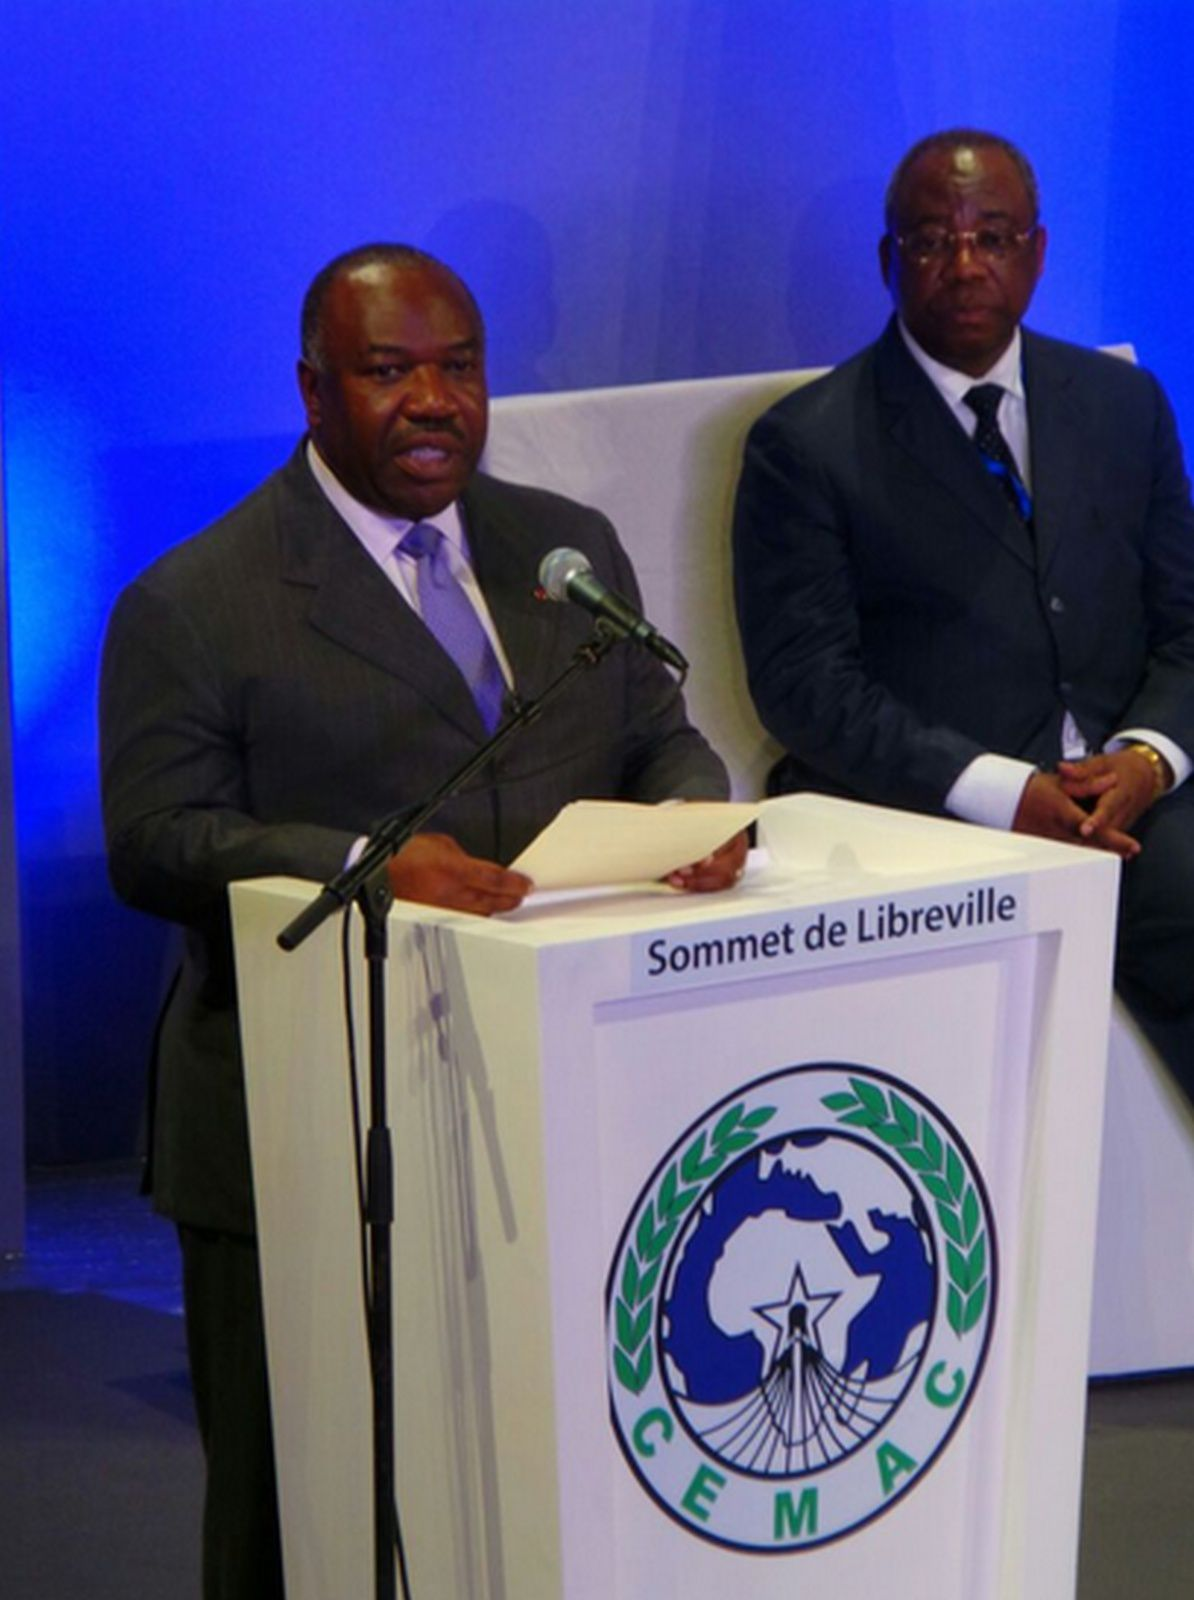 12e Session Ordinaire de la Conférence des Chefs d'Etat CEMAC : Discours du Président Ali Bongo Ondimba